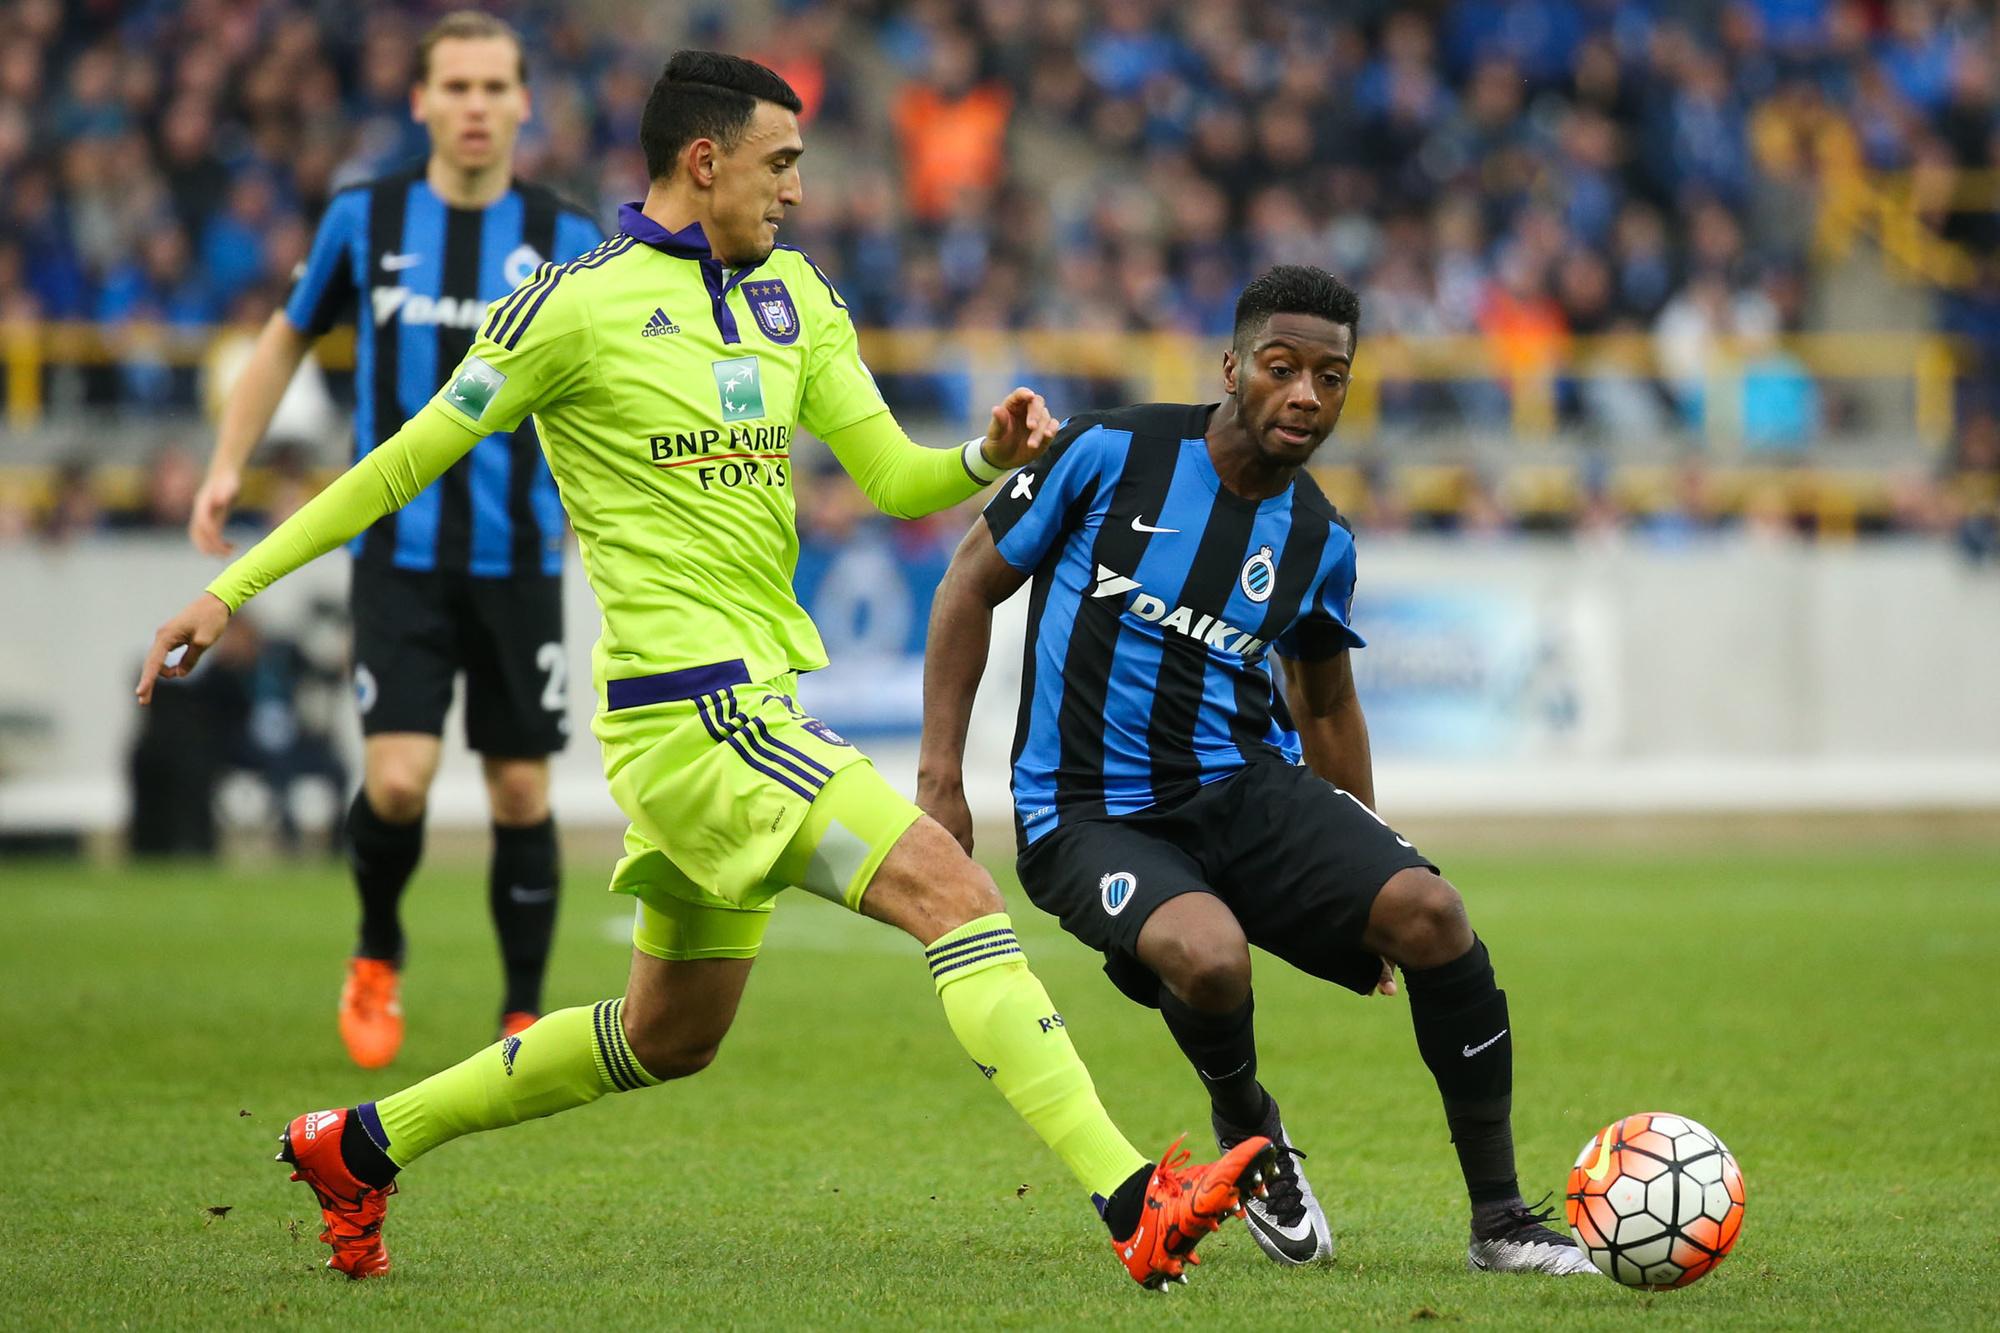 Abdoulaye Diaby nog in actie bij Club Brugge, Belga Image